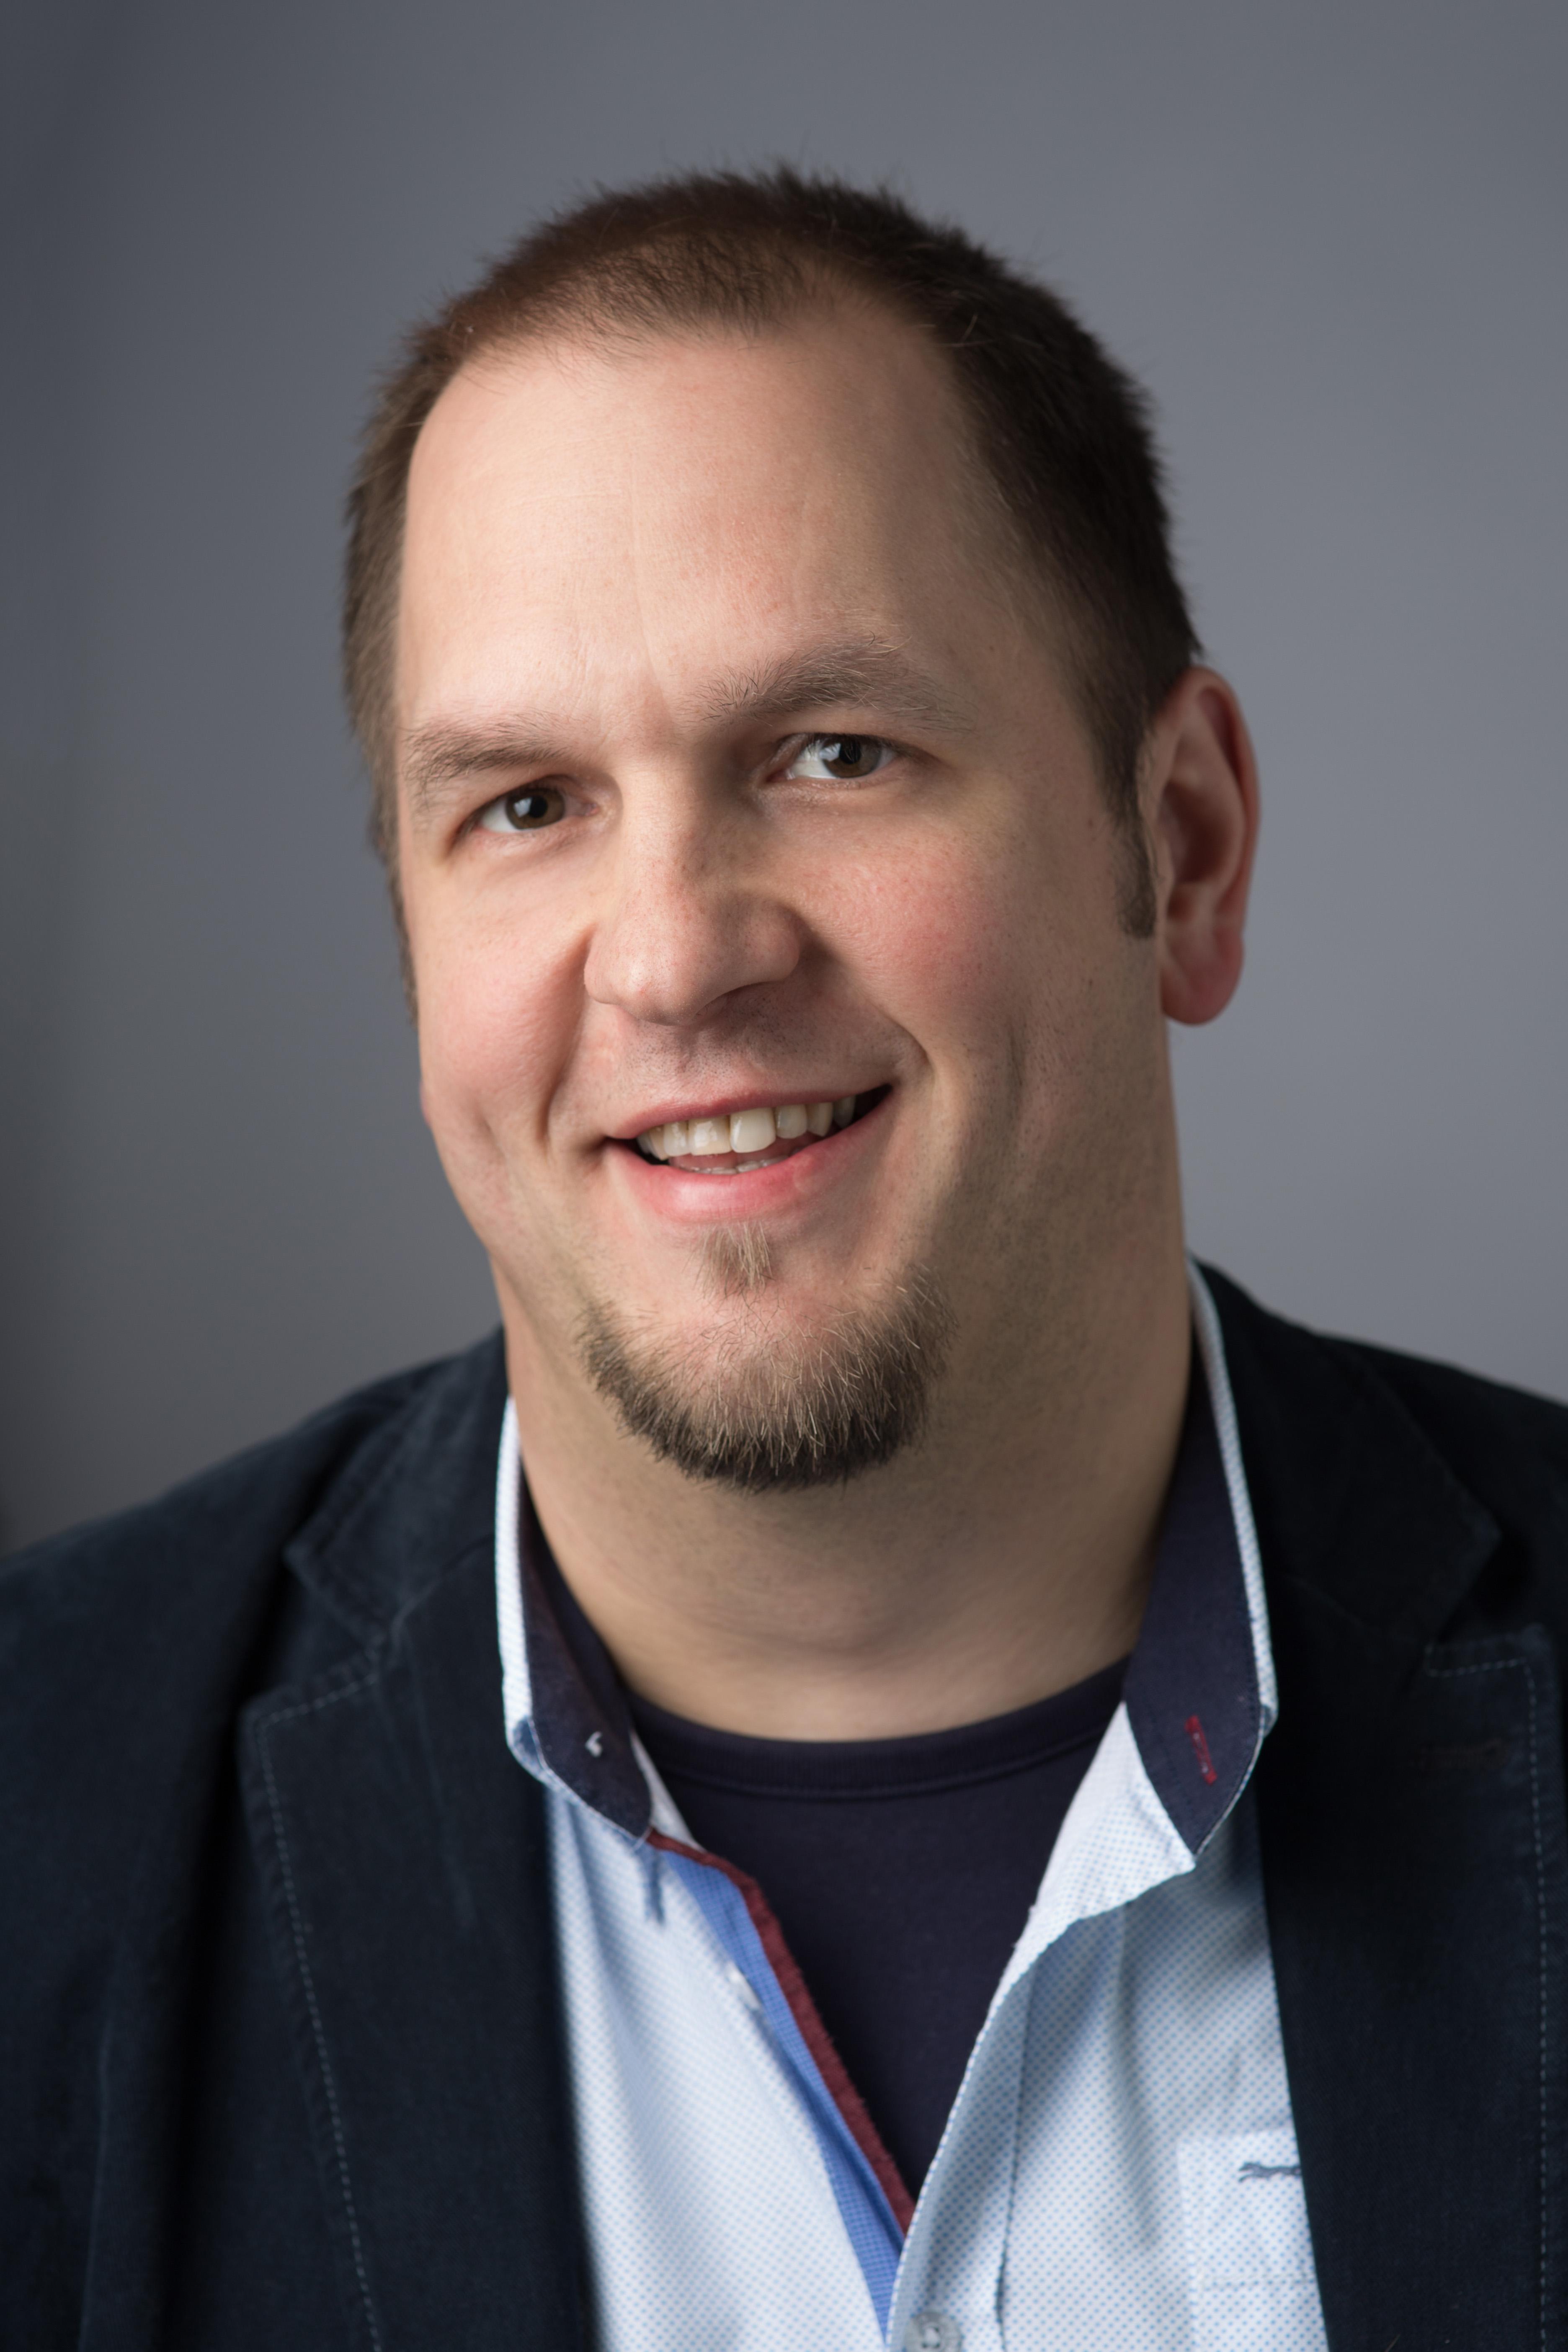 Thorsten Hirsch